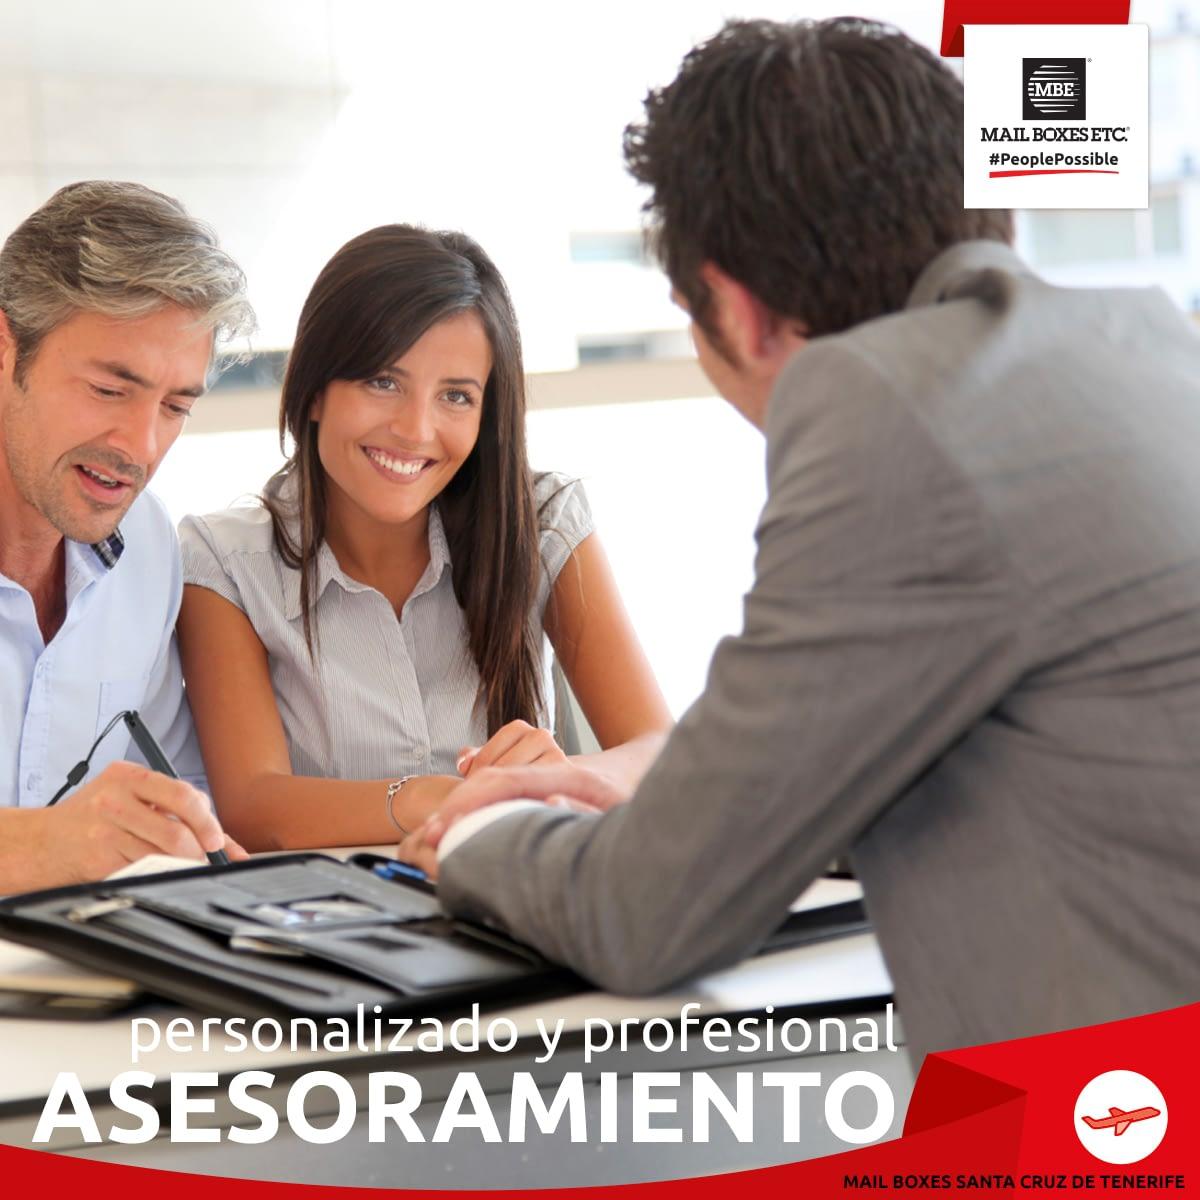 personalizado y profesional - Trabajos